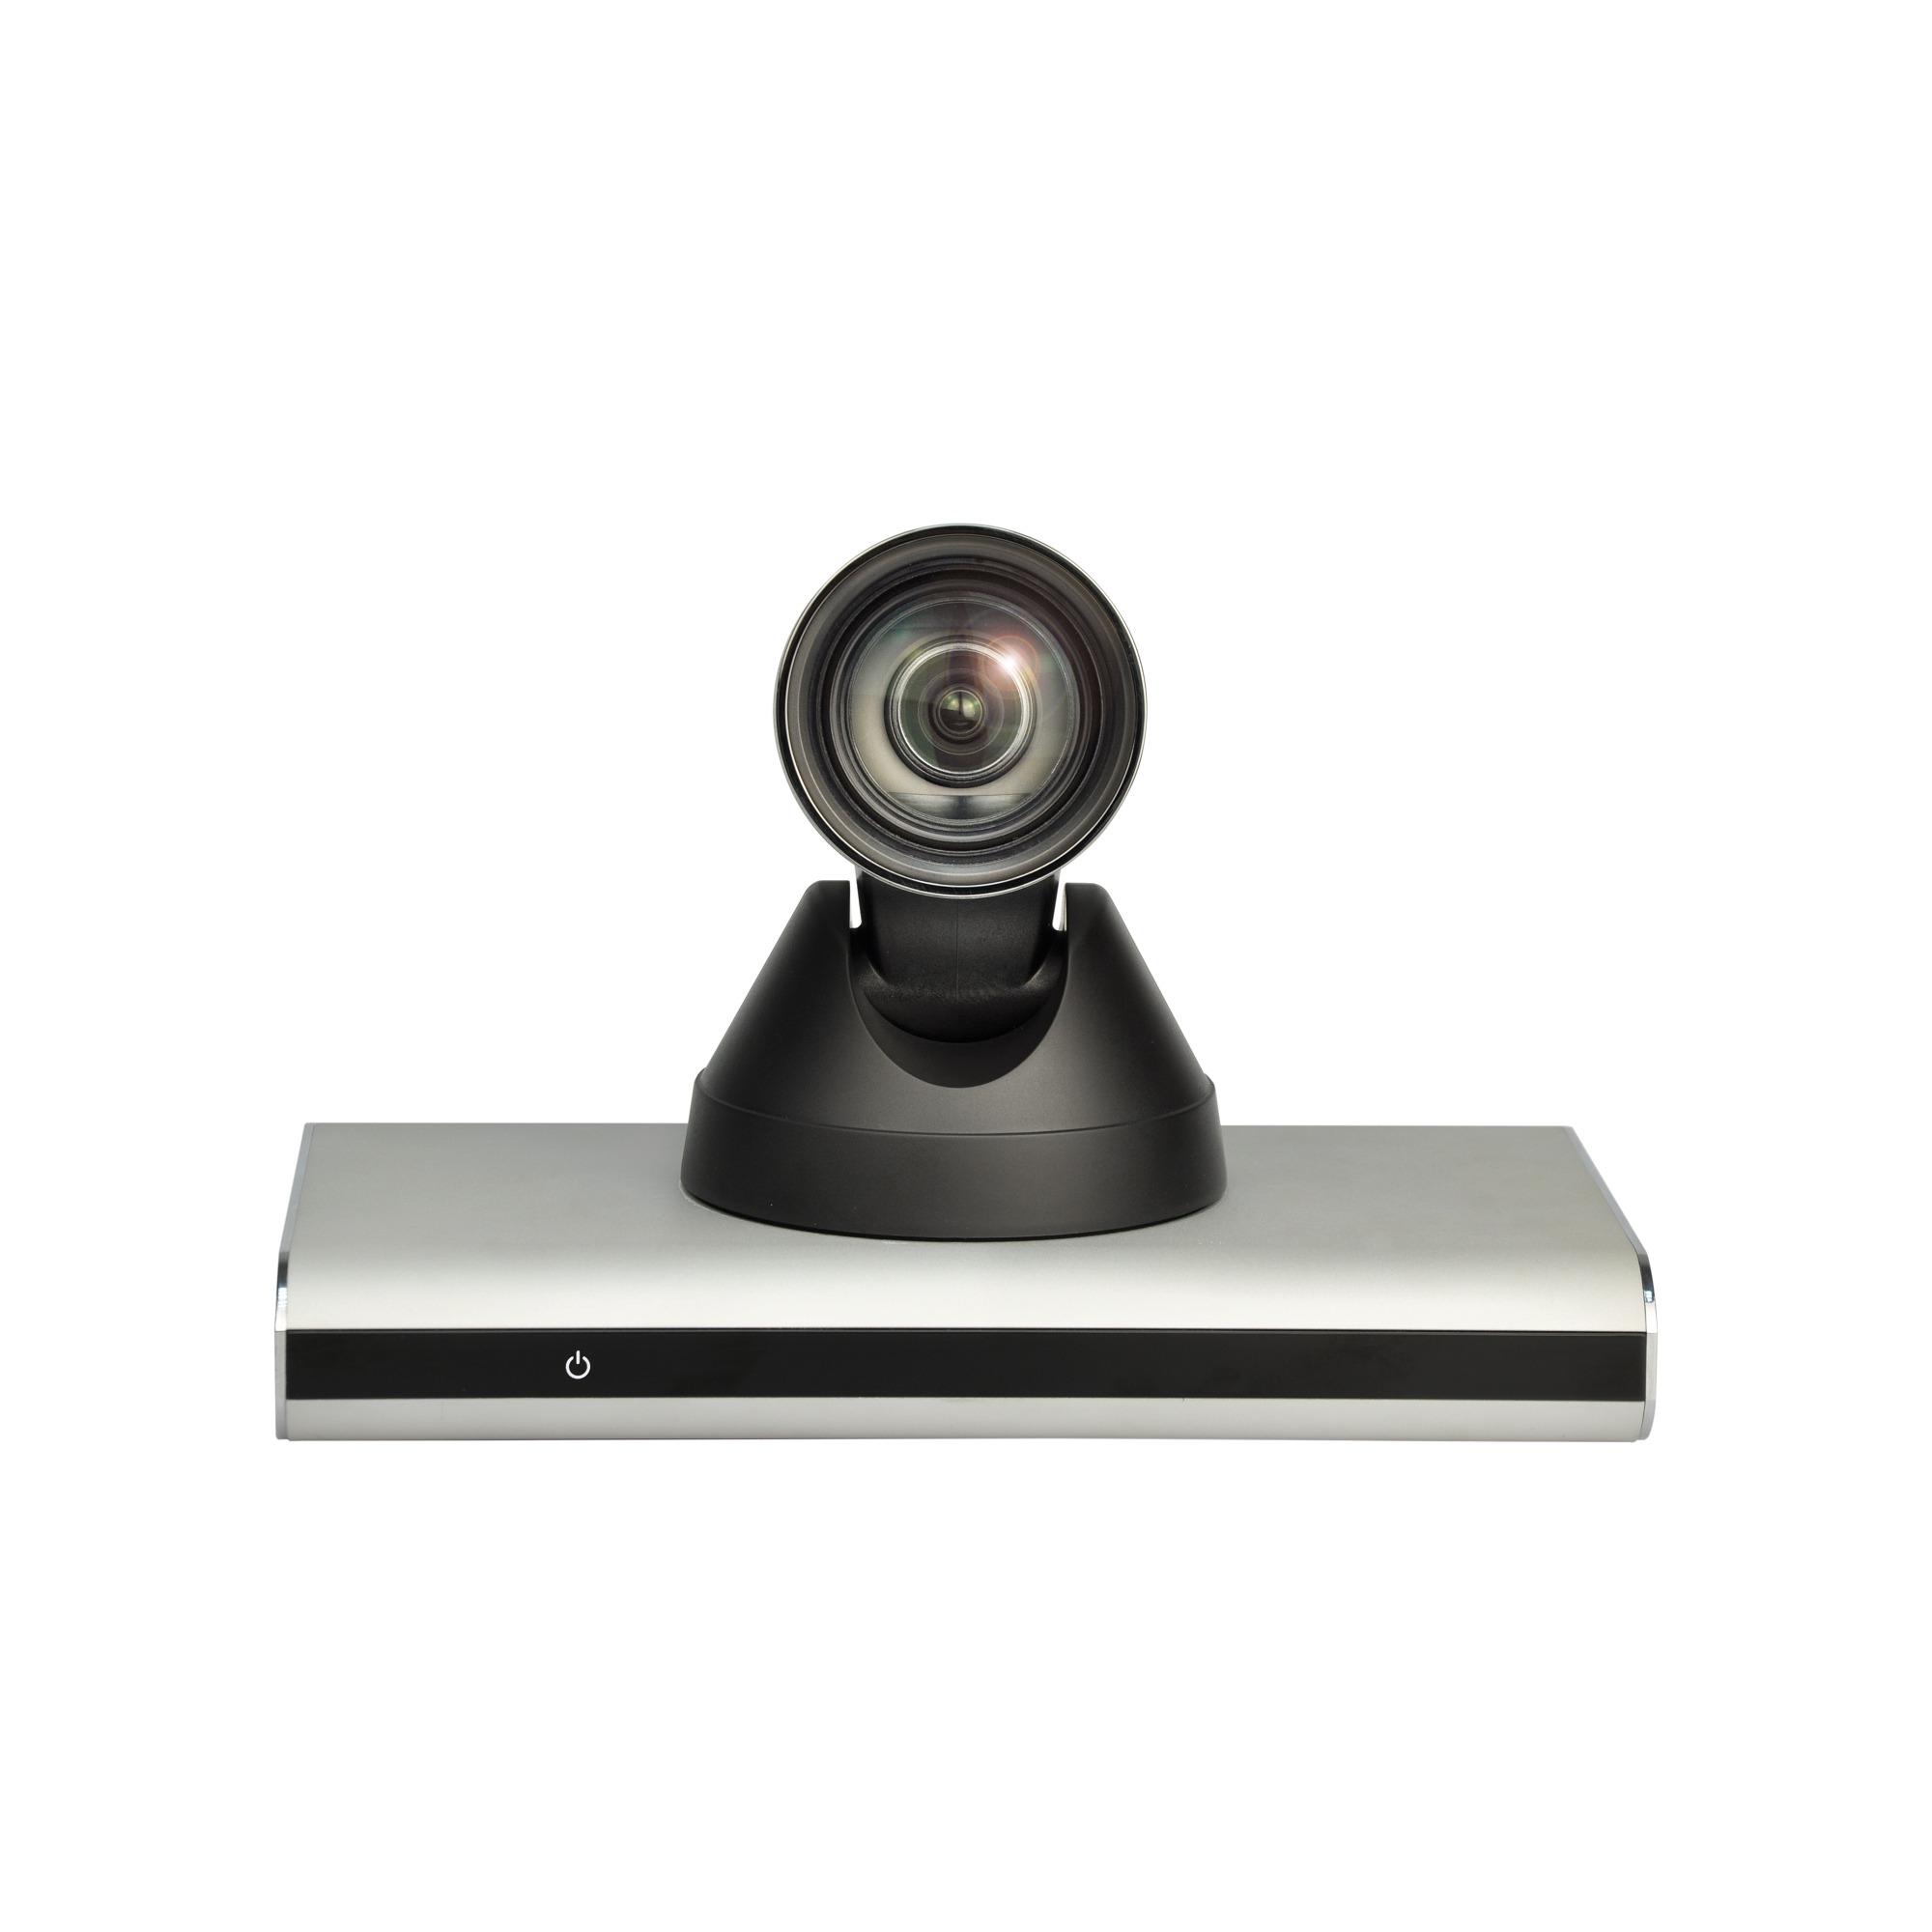 百视视讯视频会议系统主机BS-C9自带摄像机视频会议终端12倍变焦323SIP协议兼容思科宝利通华为亿联等视频会议系统